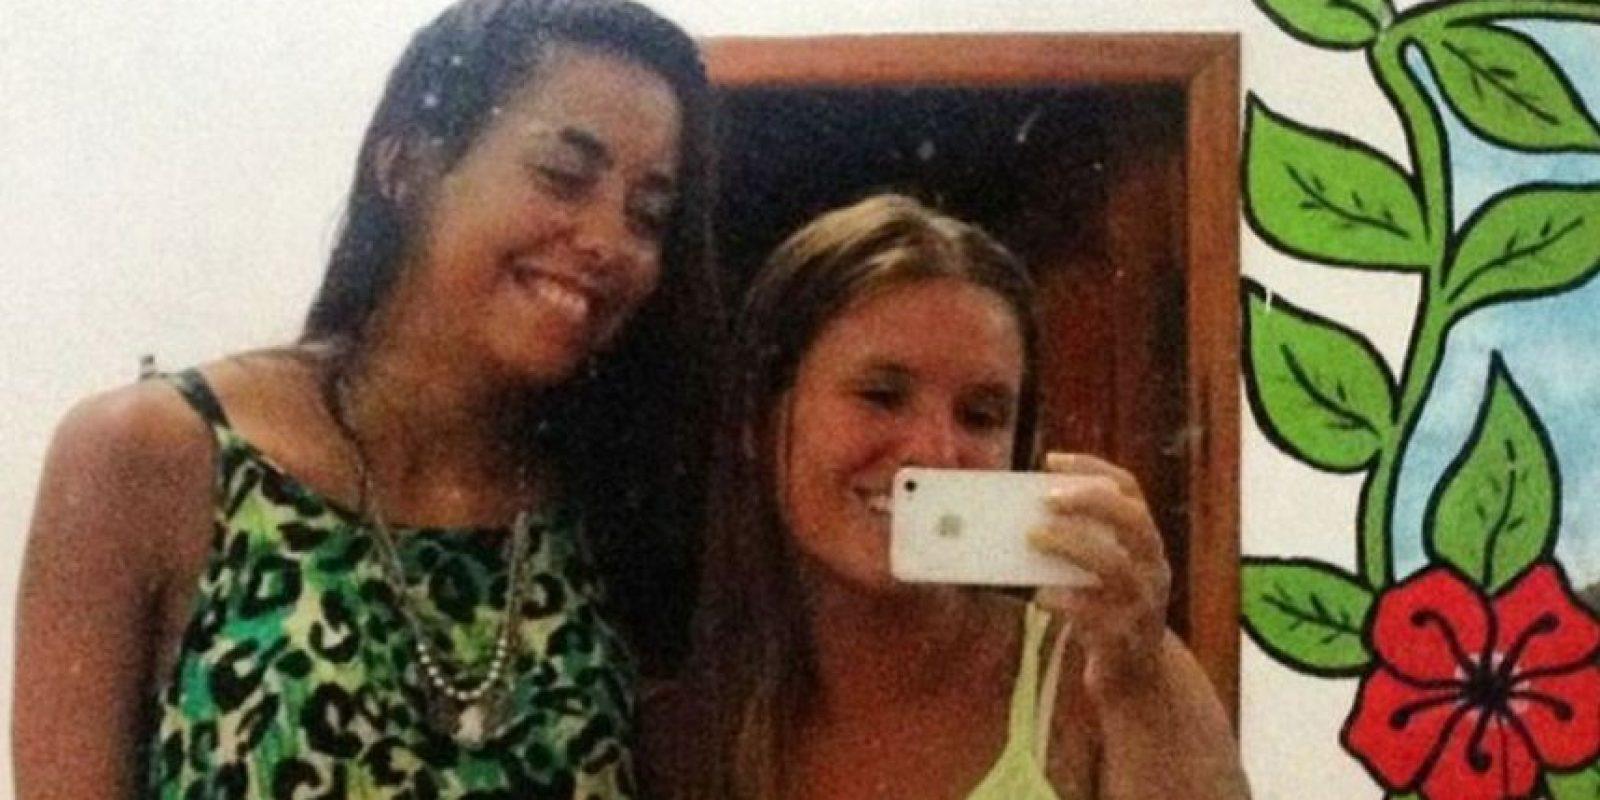 Marina Menegazzo, de 21 años y María José Coni, de 22 años, eran dos jóvenes argentinas de la provincia de Mendoza que fueron asesinadas en Ecuador Foto:instagram.com/mariajose.coni/